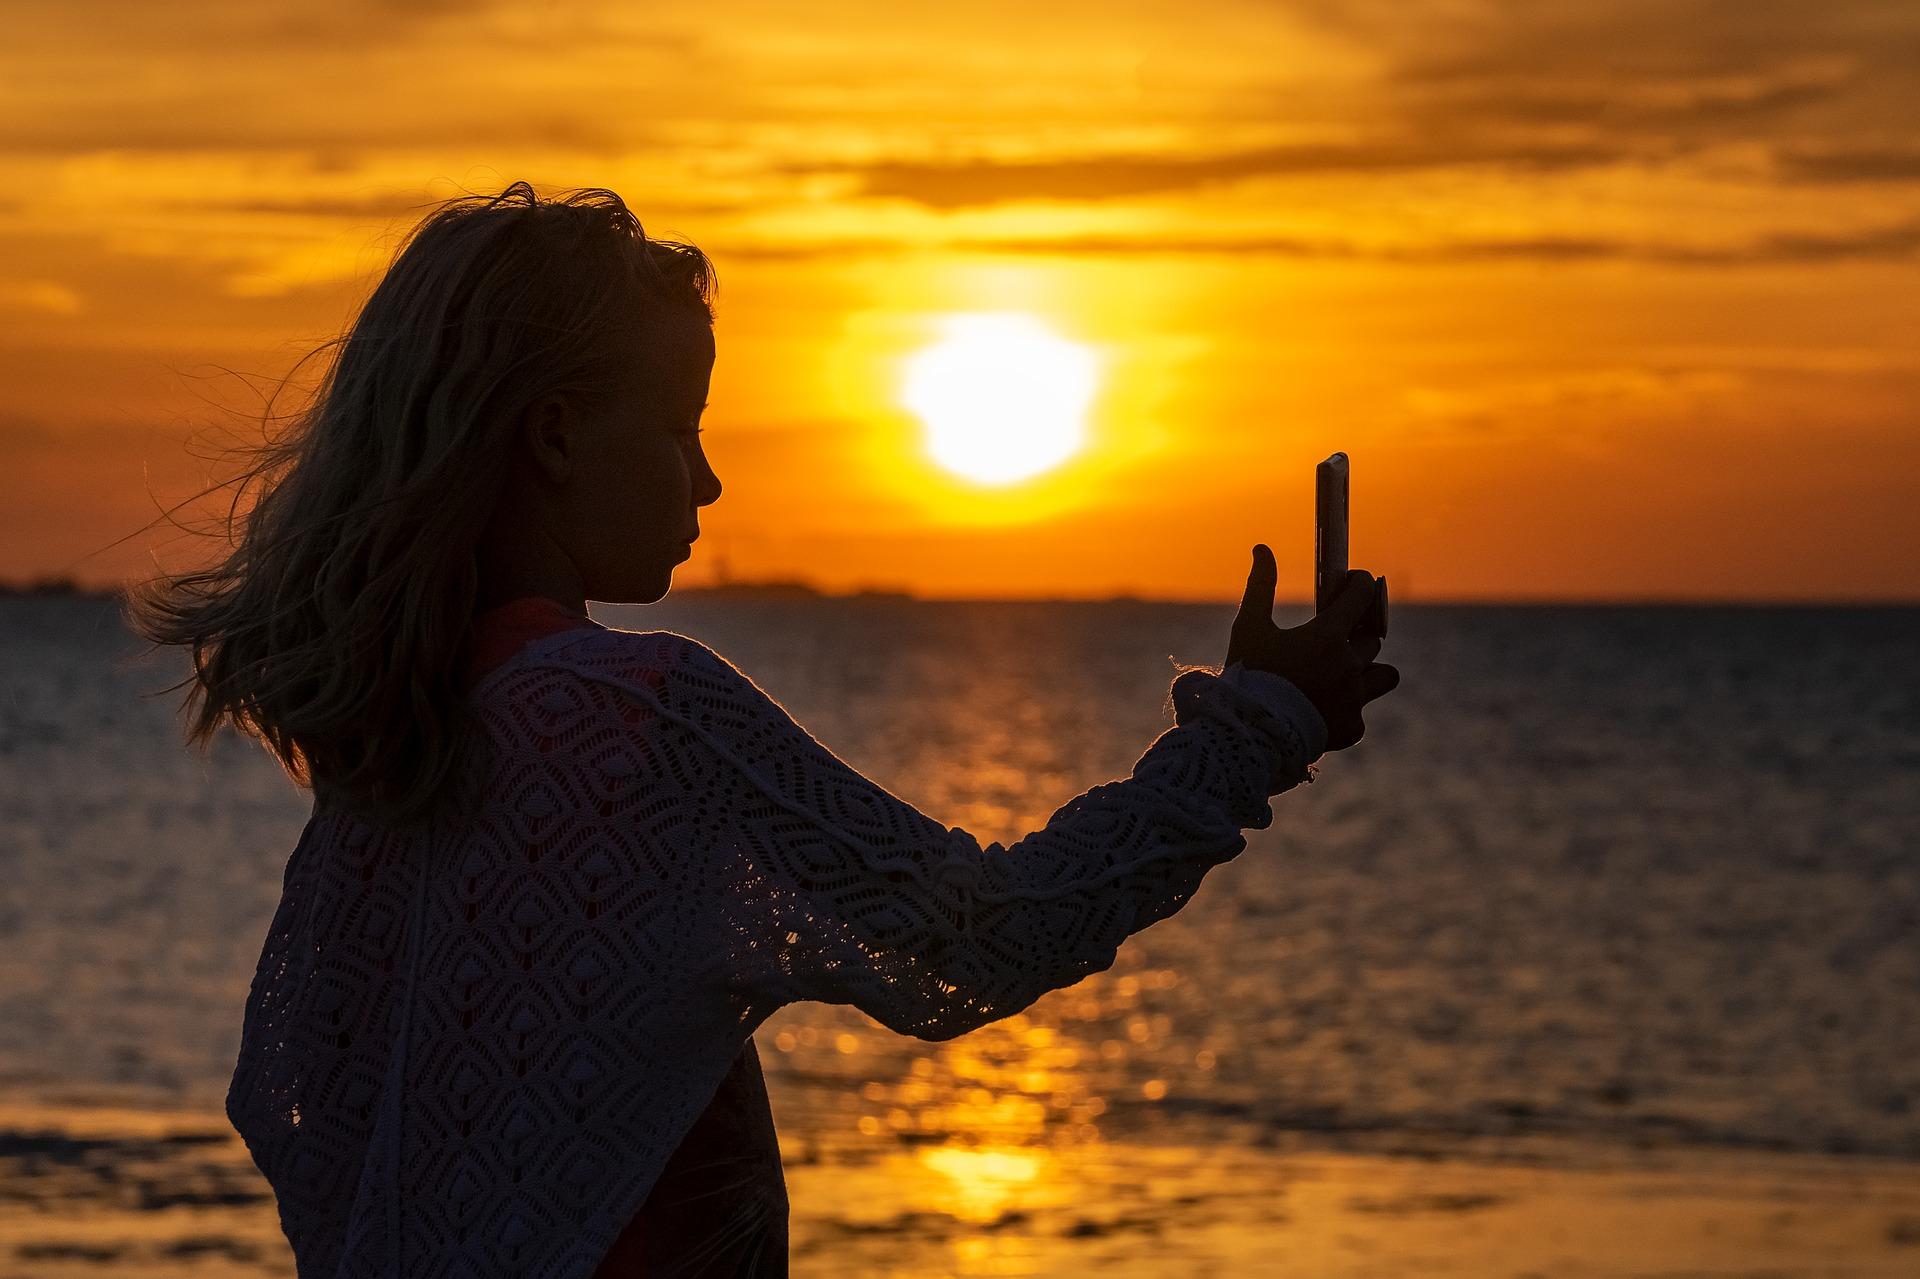 Il selfie perfetto: come scattare fantastiche foto del profilo per i social media